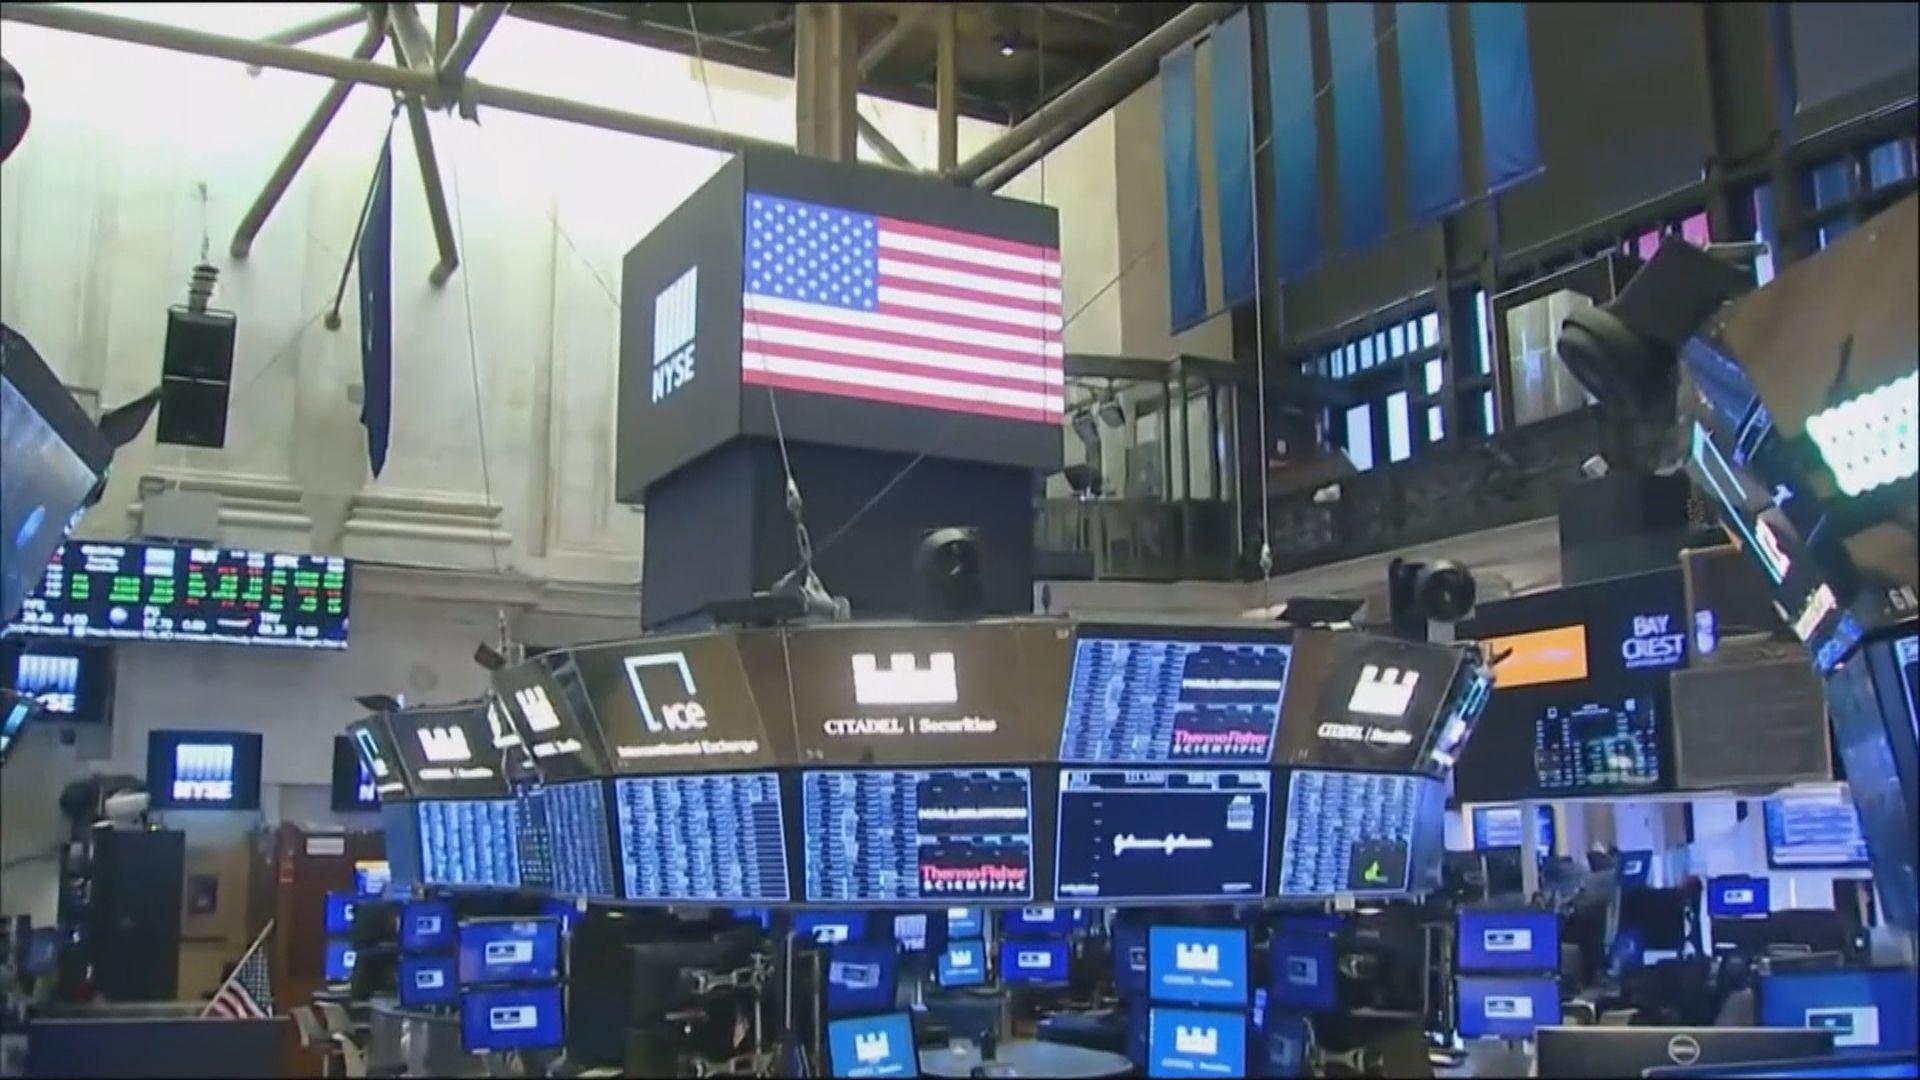 華爾街股市個別發展 道指曾跌逾500點